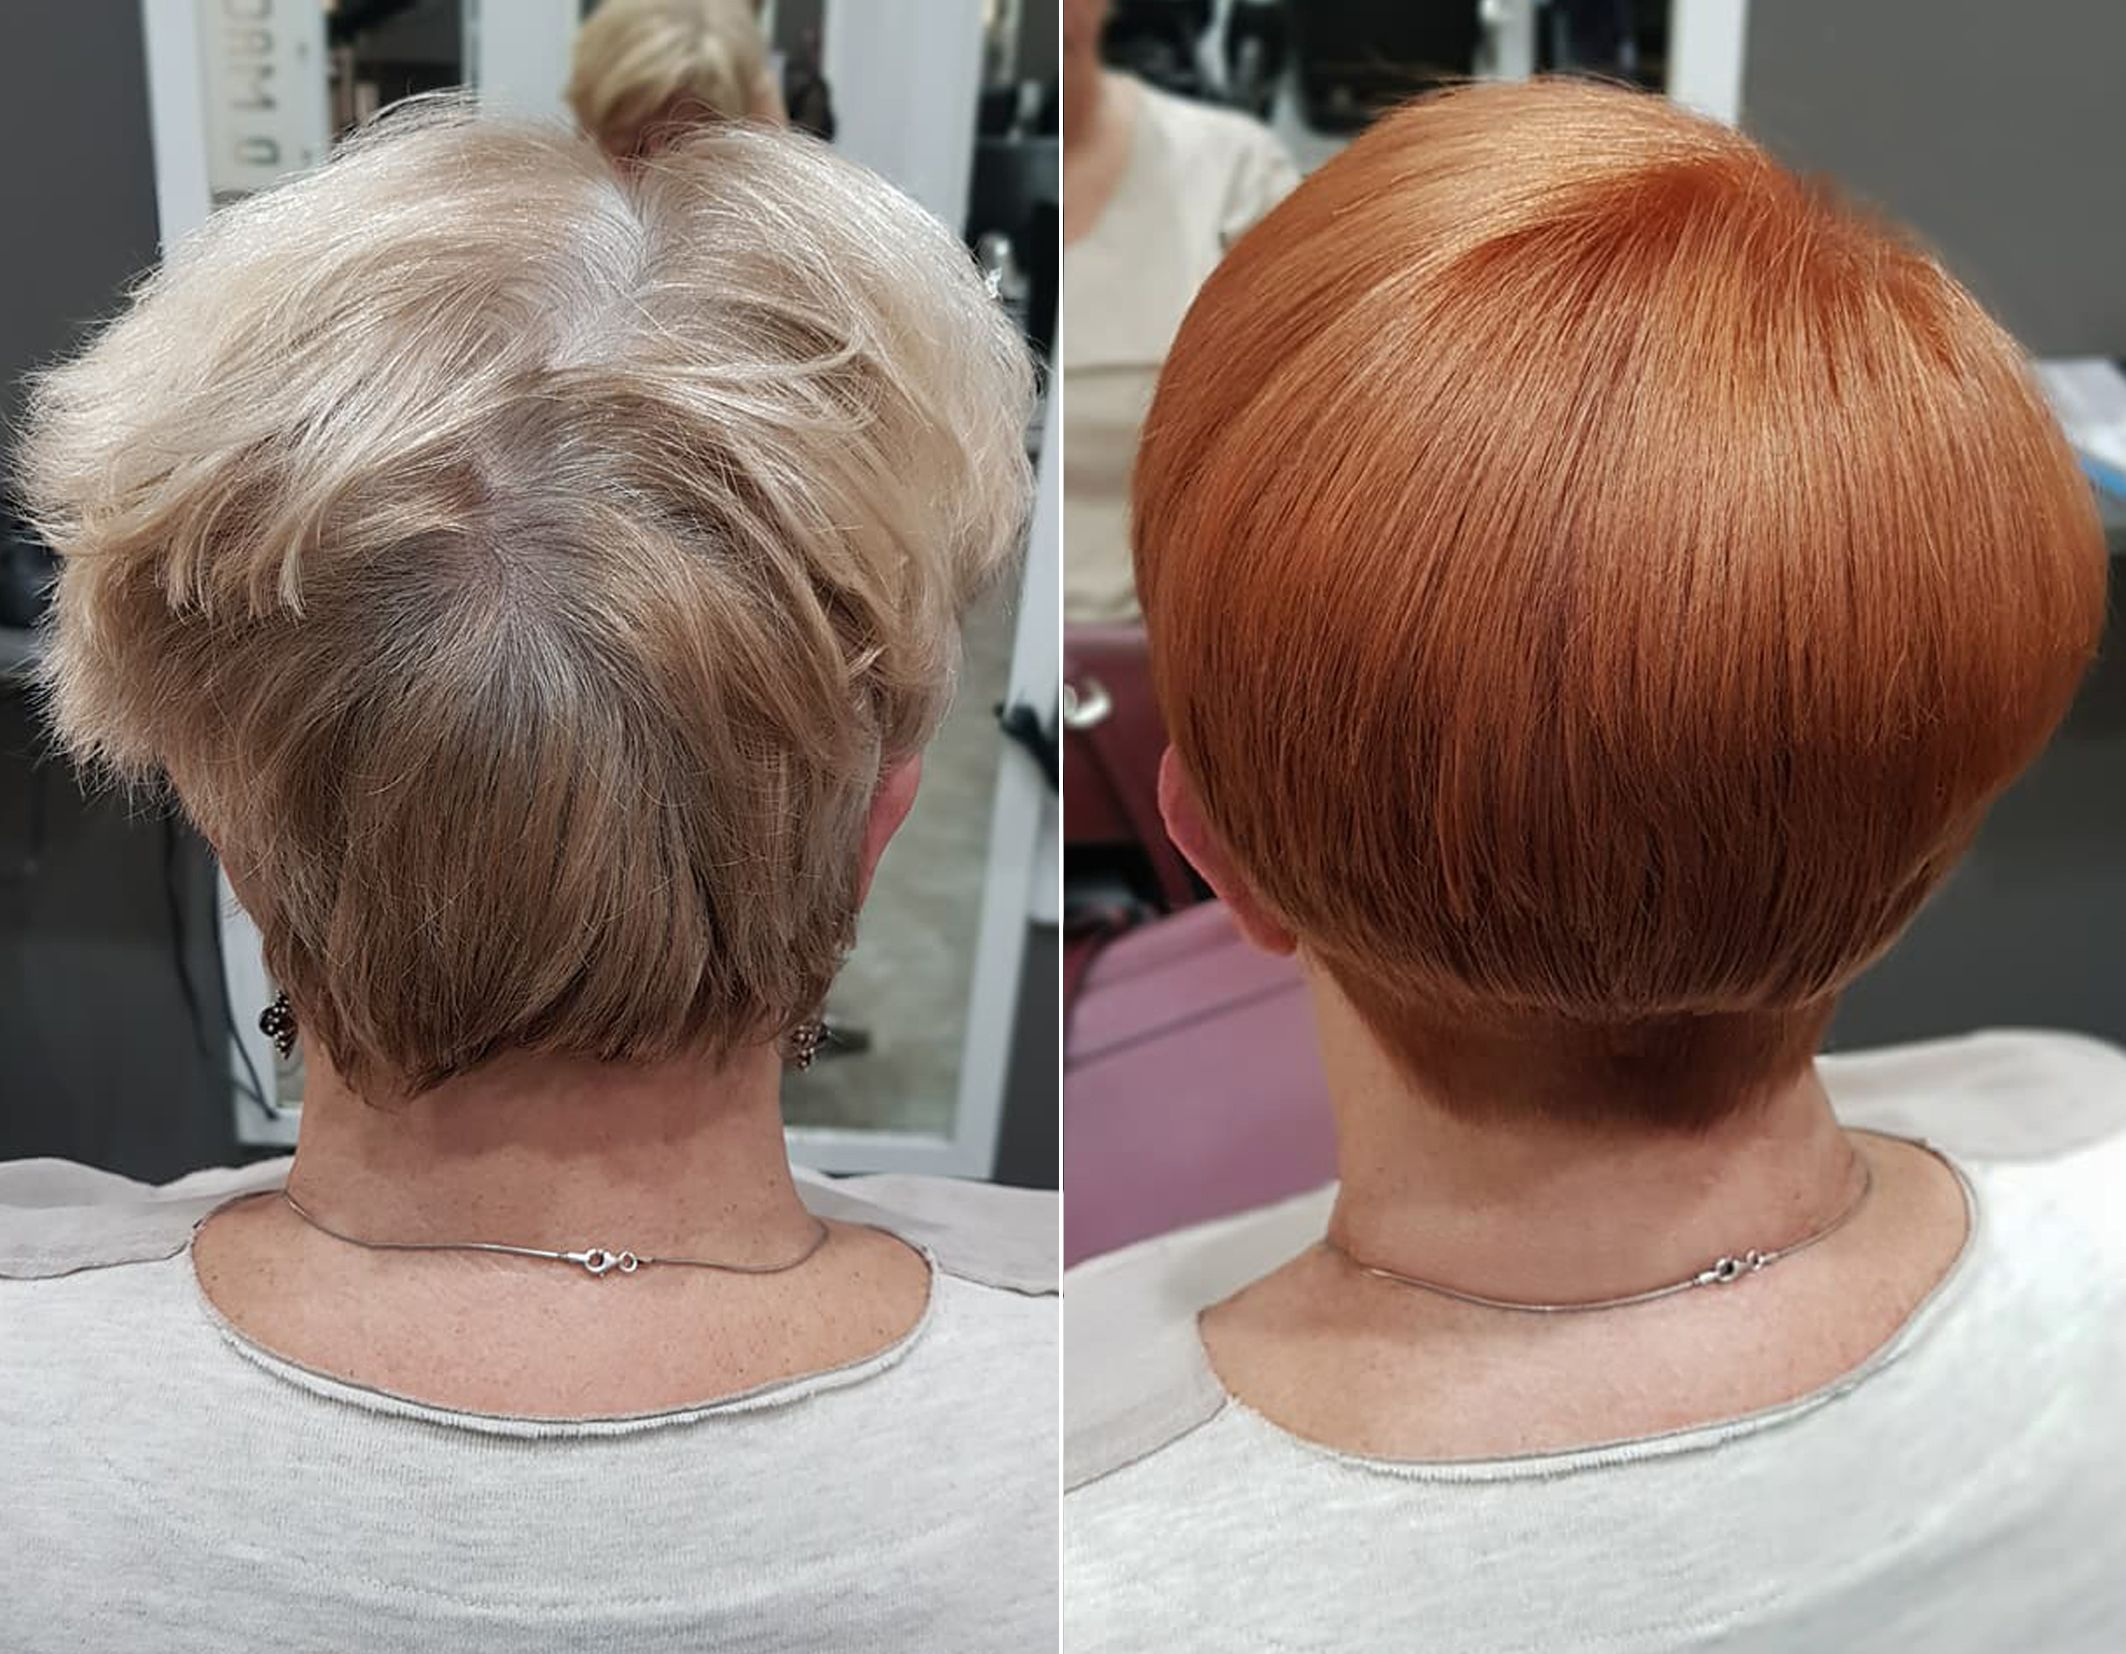 Haarschnitt Frisuren Friseur Berlin D Machts Style Alexa Kurzhaarschnitte Bob Friseurberlin Dmachtsstyleal Friseur Berlin Haarschnitt Lang Haarschnitt